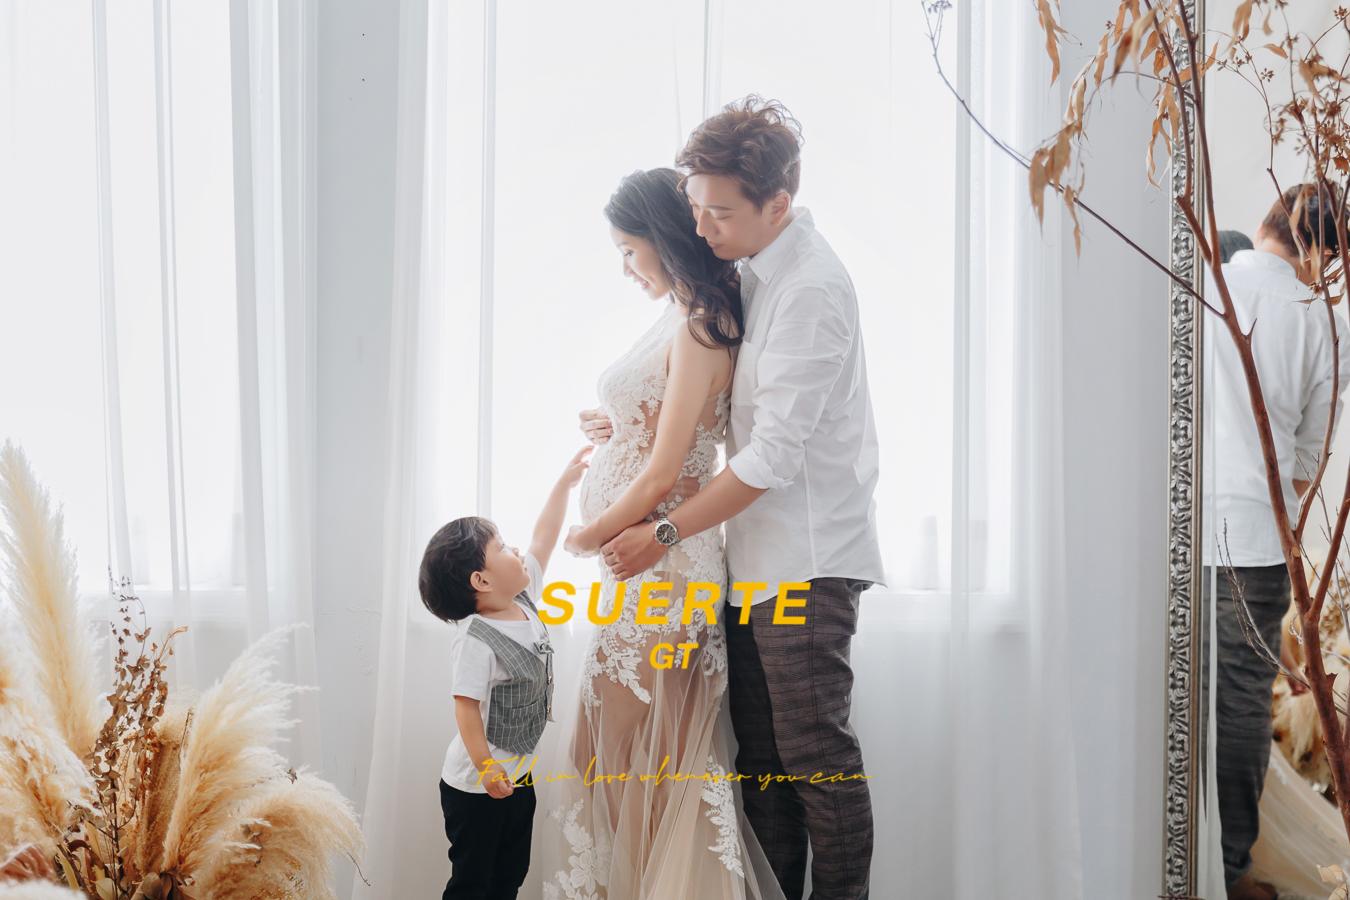 孕婦寫真 | pregnant woman GT拍攝 |國內|孕婦照-郁潔